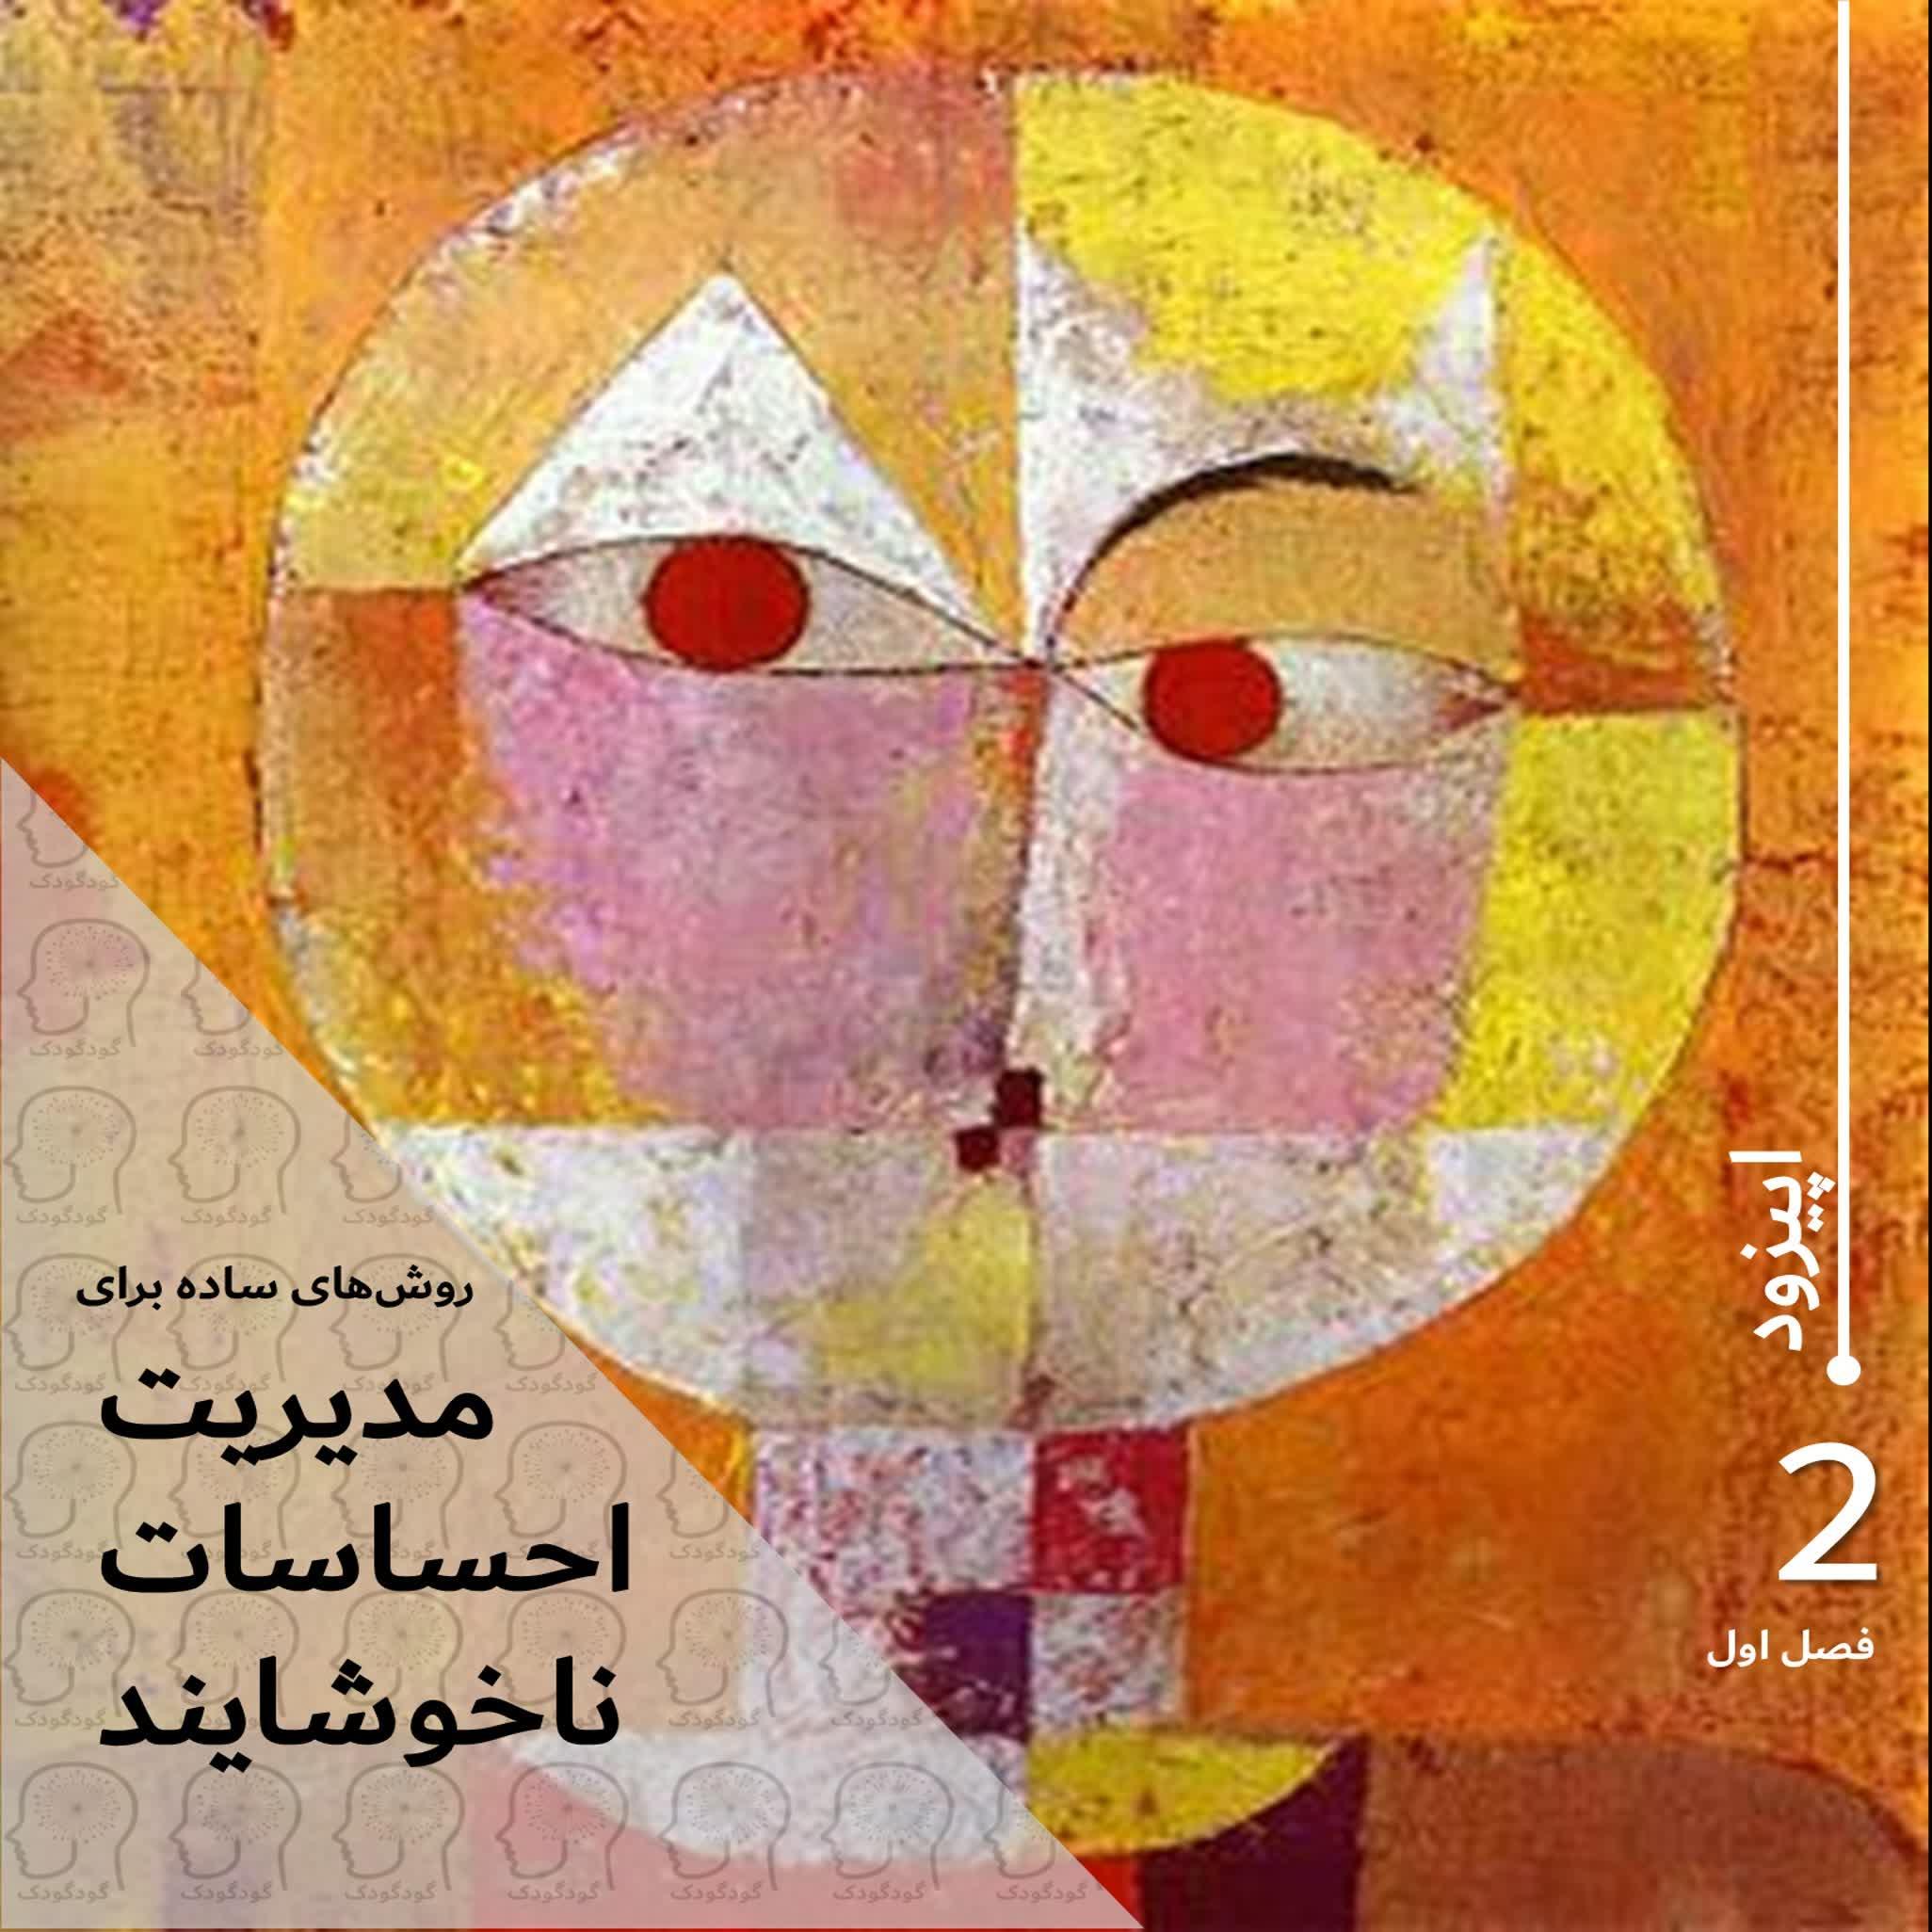 E02(2)  مدیریت احساسات و خاطرات ناخوشایند قدیمی